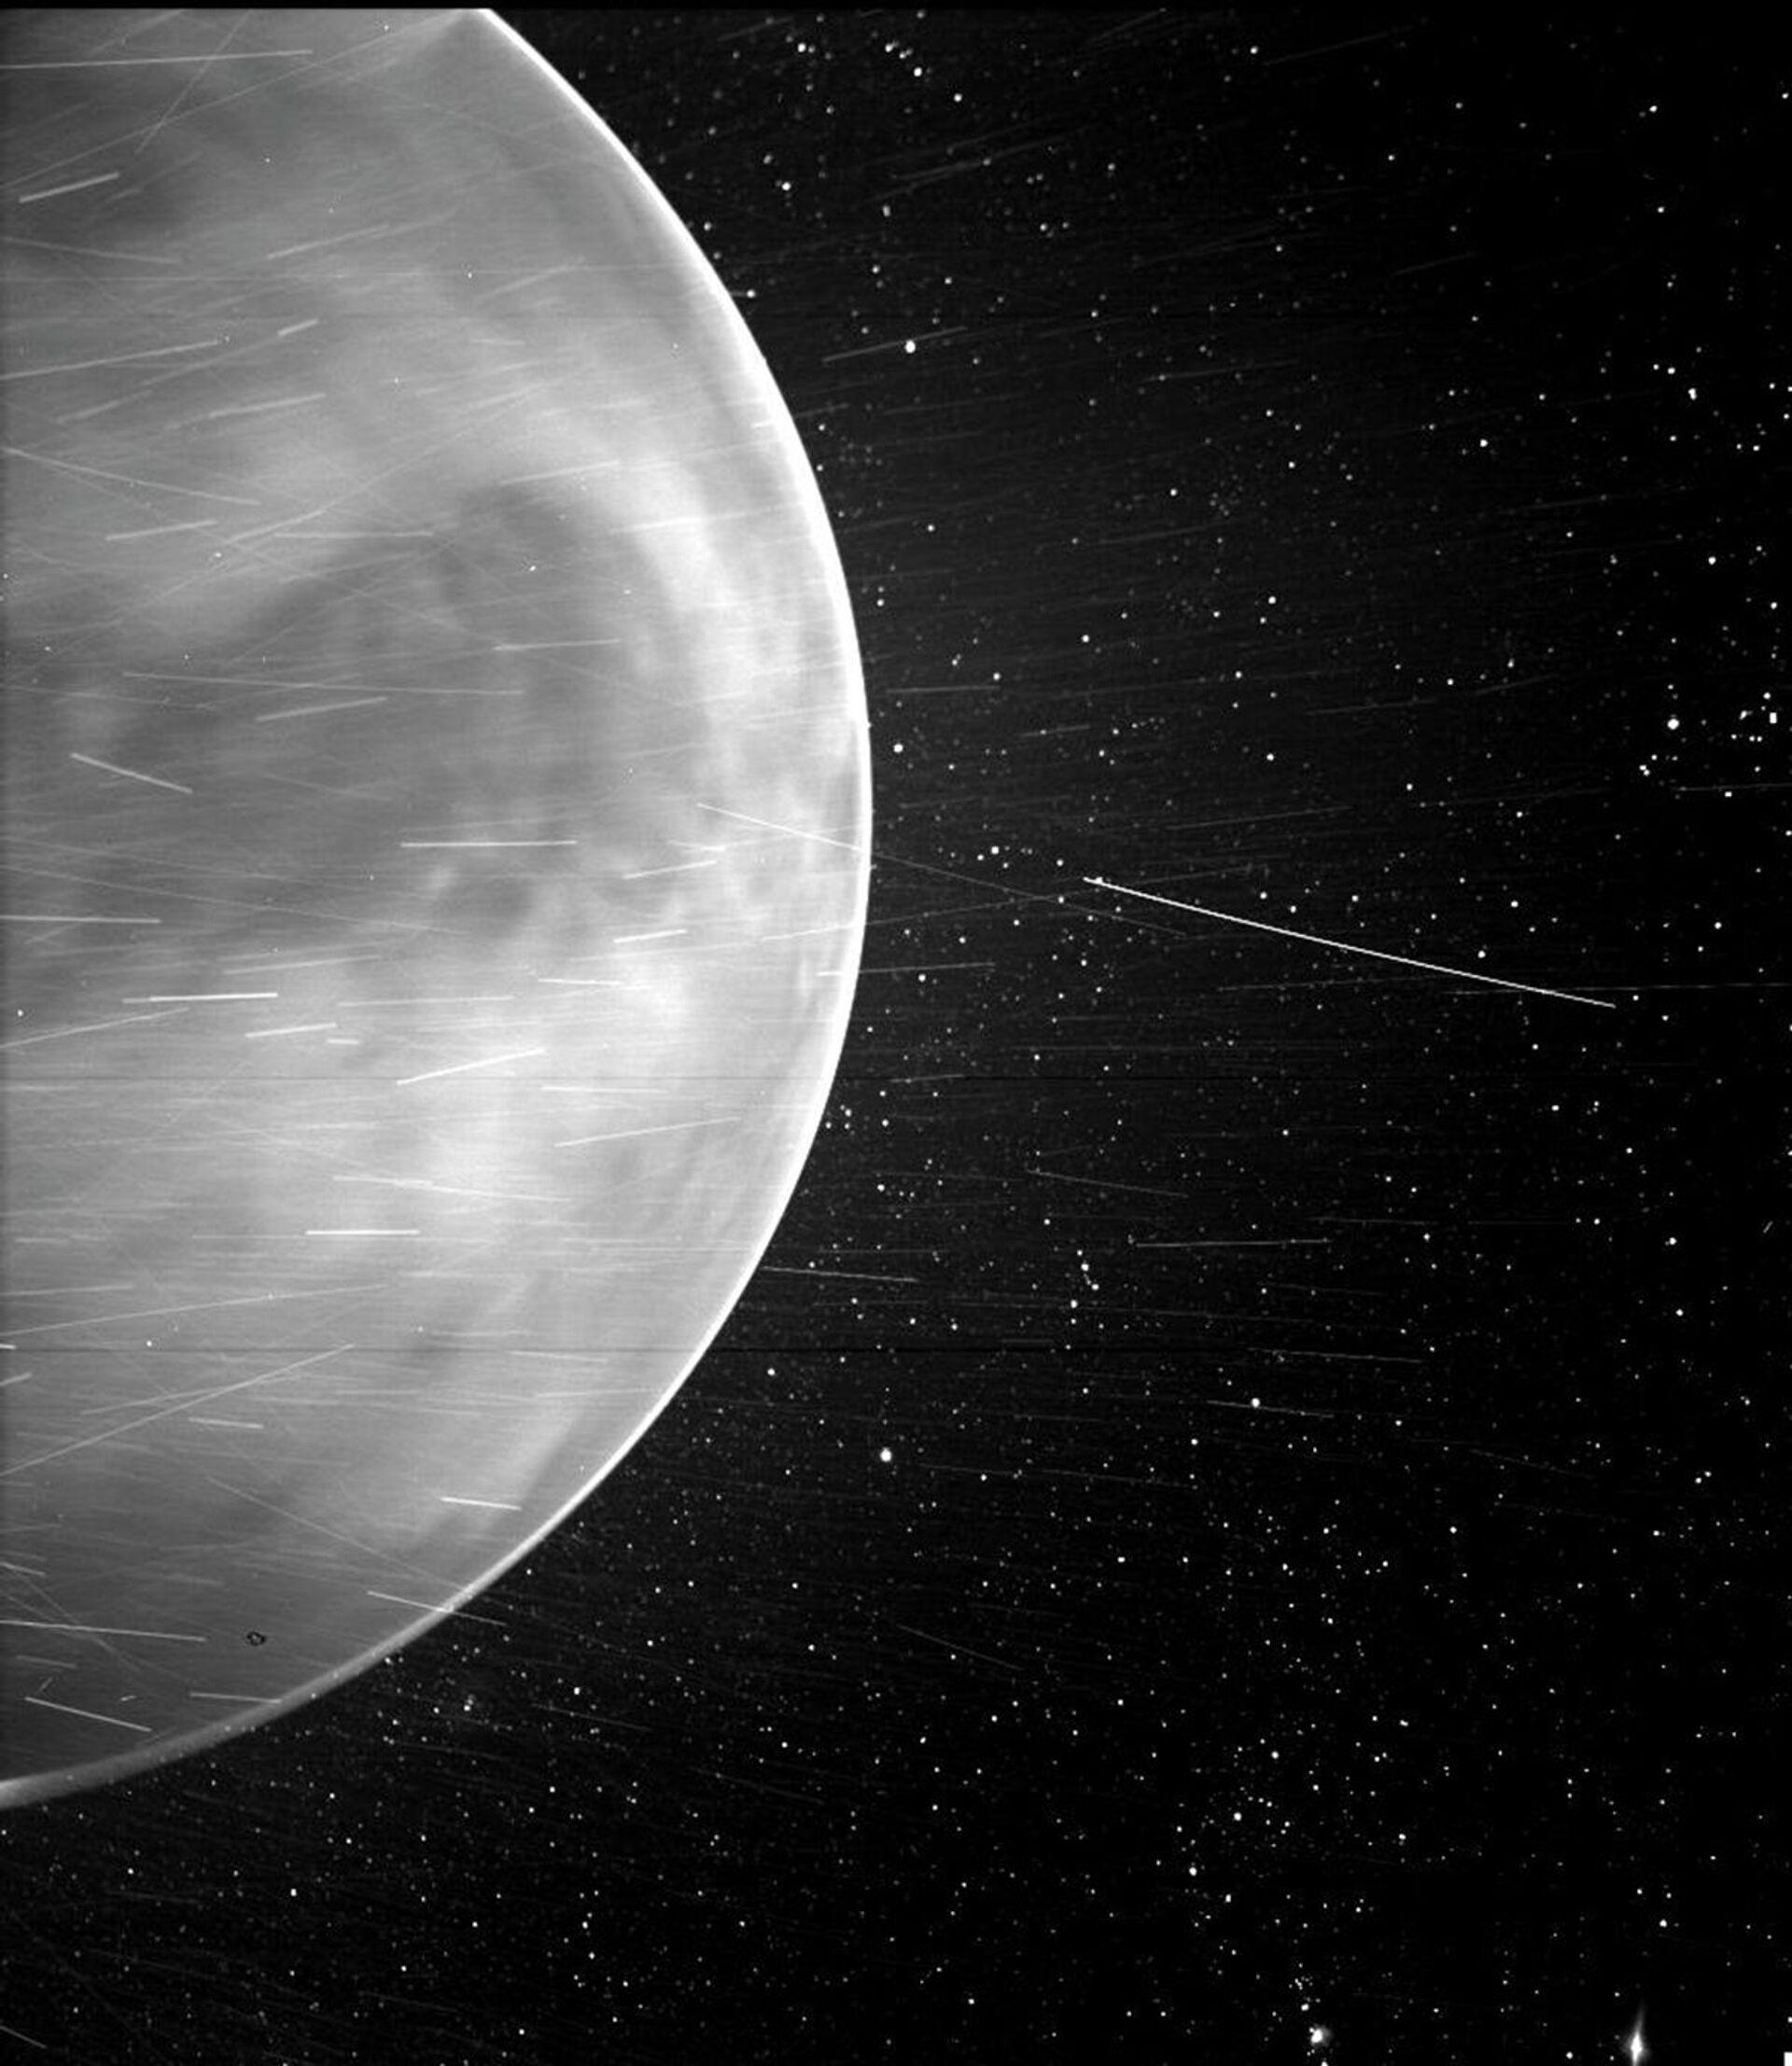 Během těsného průletu nad Venuší v červenci 2020 zachytila sluneční sonda Parker úchvatné výhledy na planetu a ukázala části jejího povrchu. Poprvé se podařilo zachytit na snímku noční záři v atmosféře Venuše. - Sputnik Česká republika, 1920, 20.04.2021